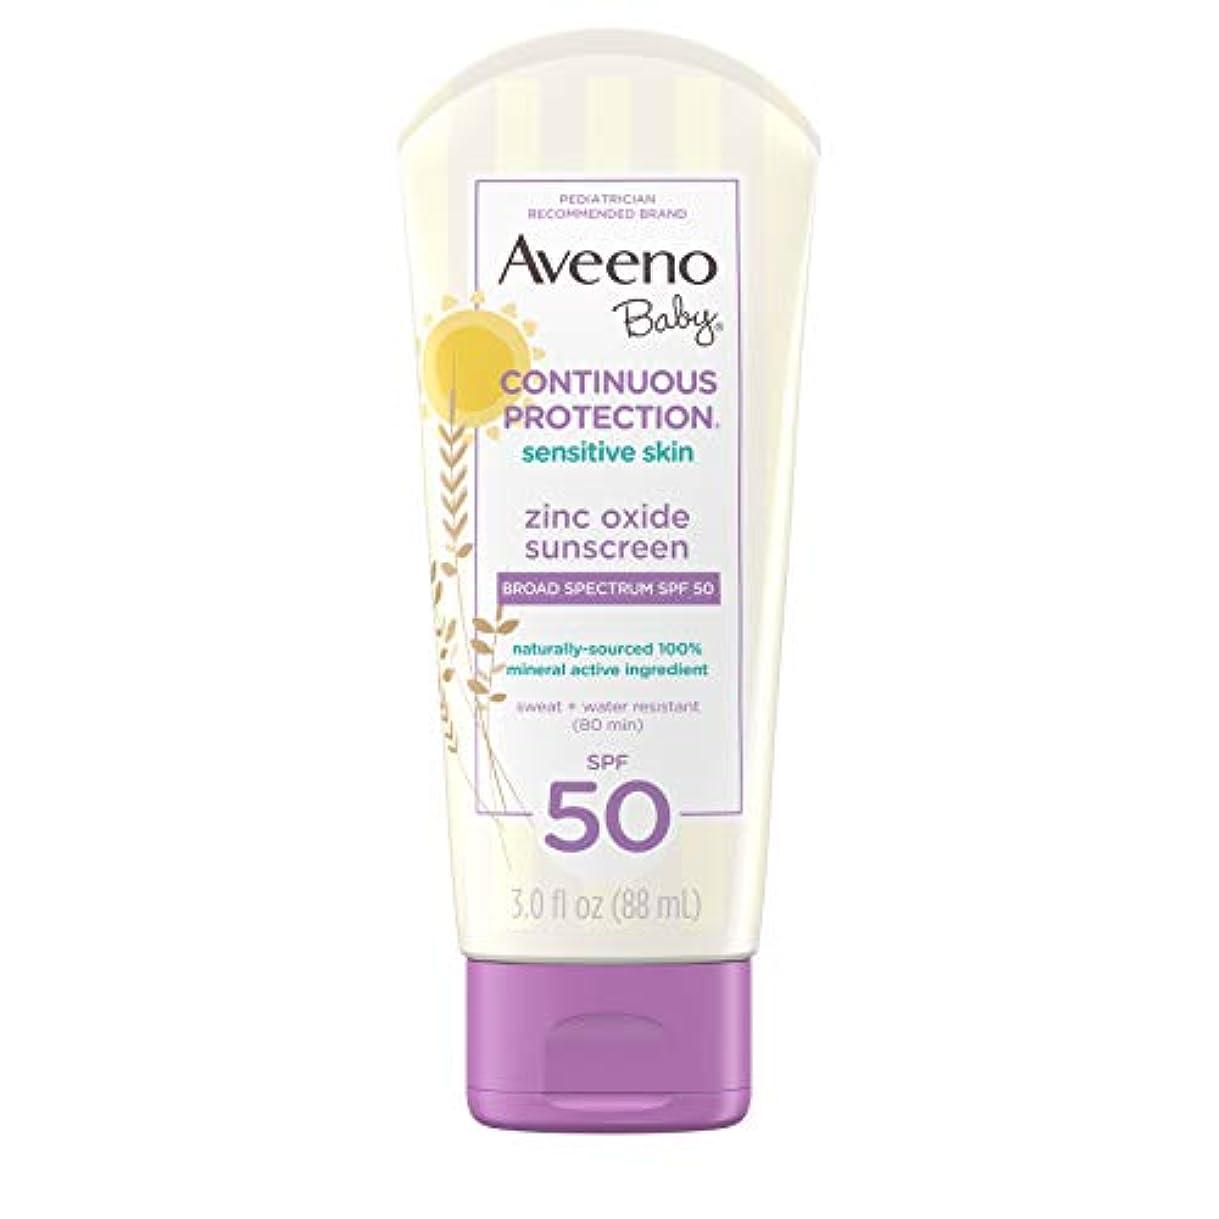 役割検閲作曲家Aveeno Baby 広域スペクトルのSPF 50、涙フリー、Sweat-&耐水性、旅行、サイズ、3フロリダで敏感肌用のContinuous Protection酸化亜鉛ミネラル日焼け止めローション。オズ